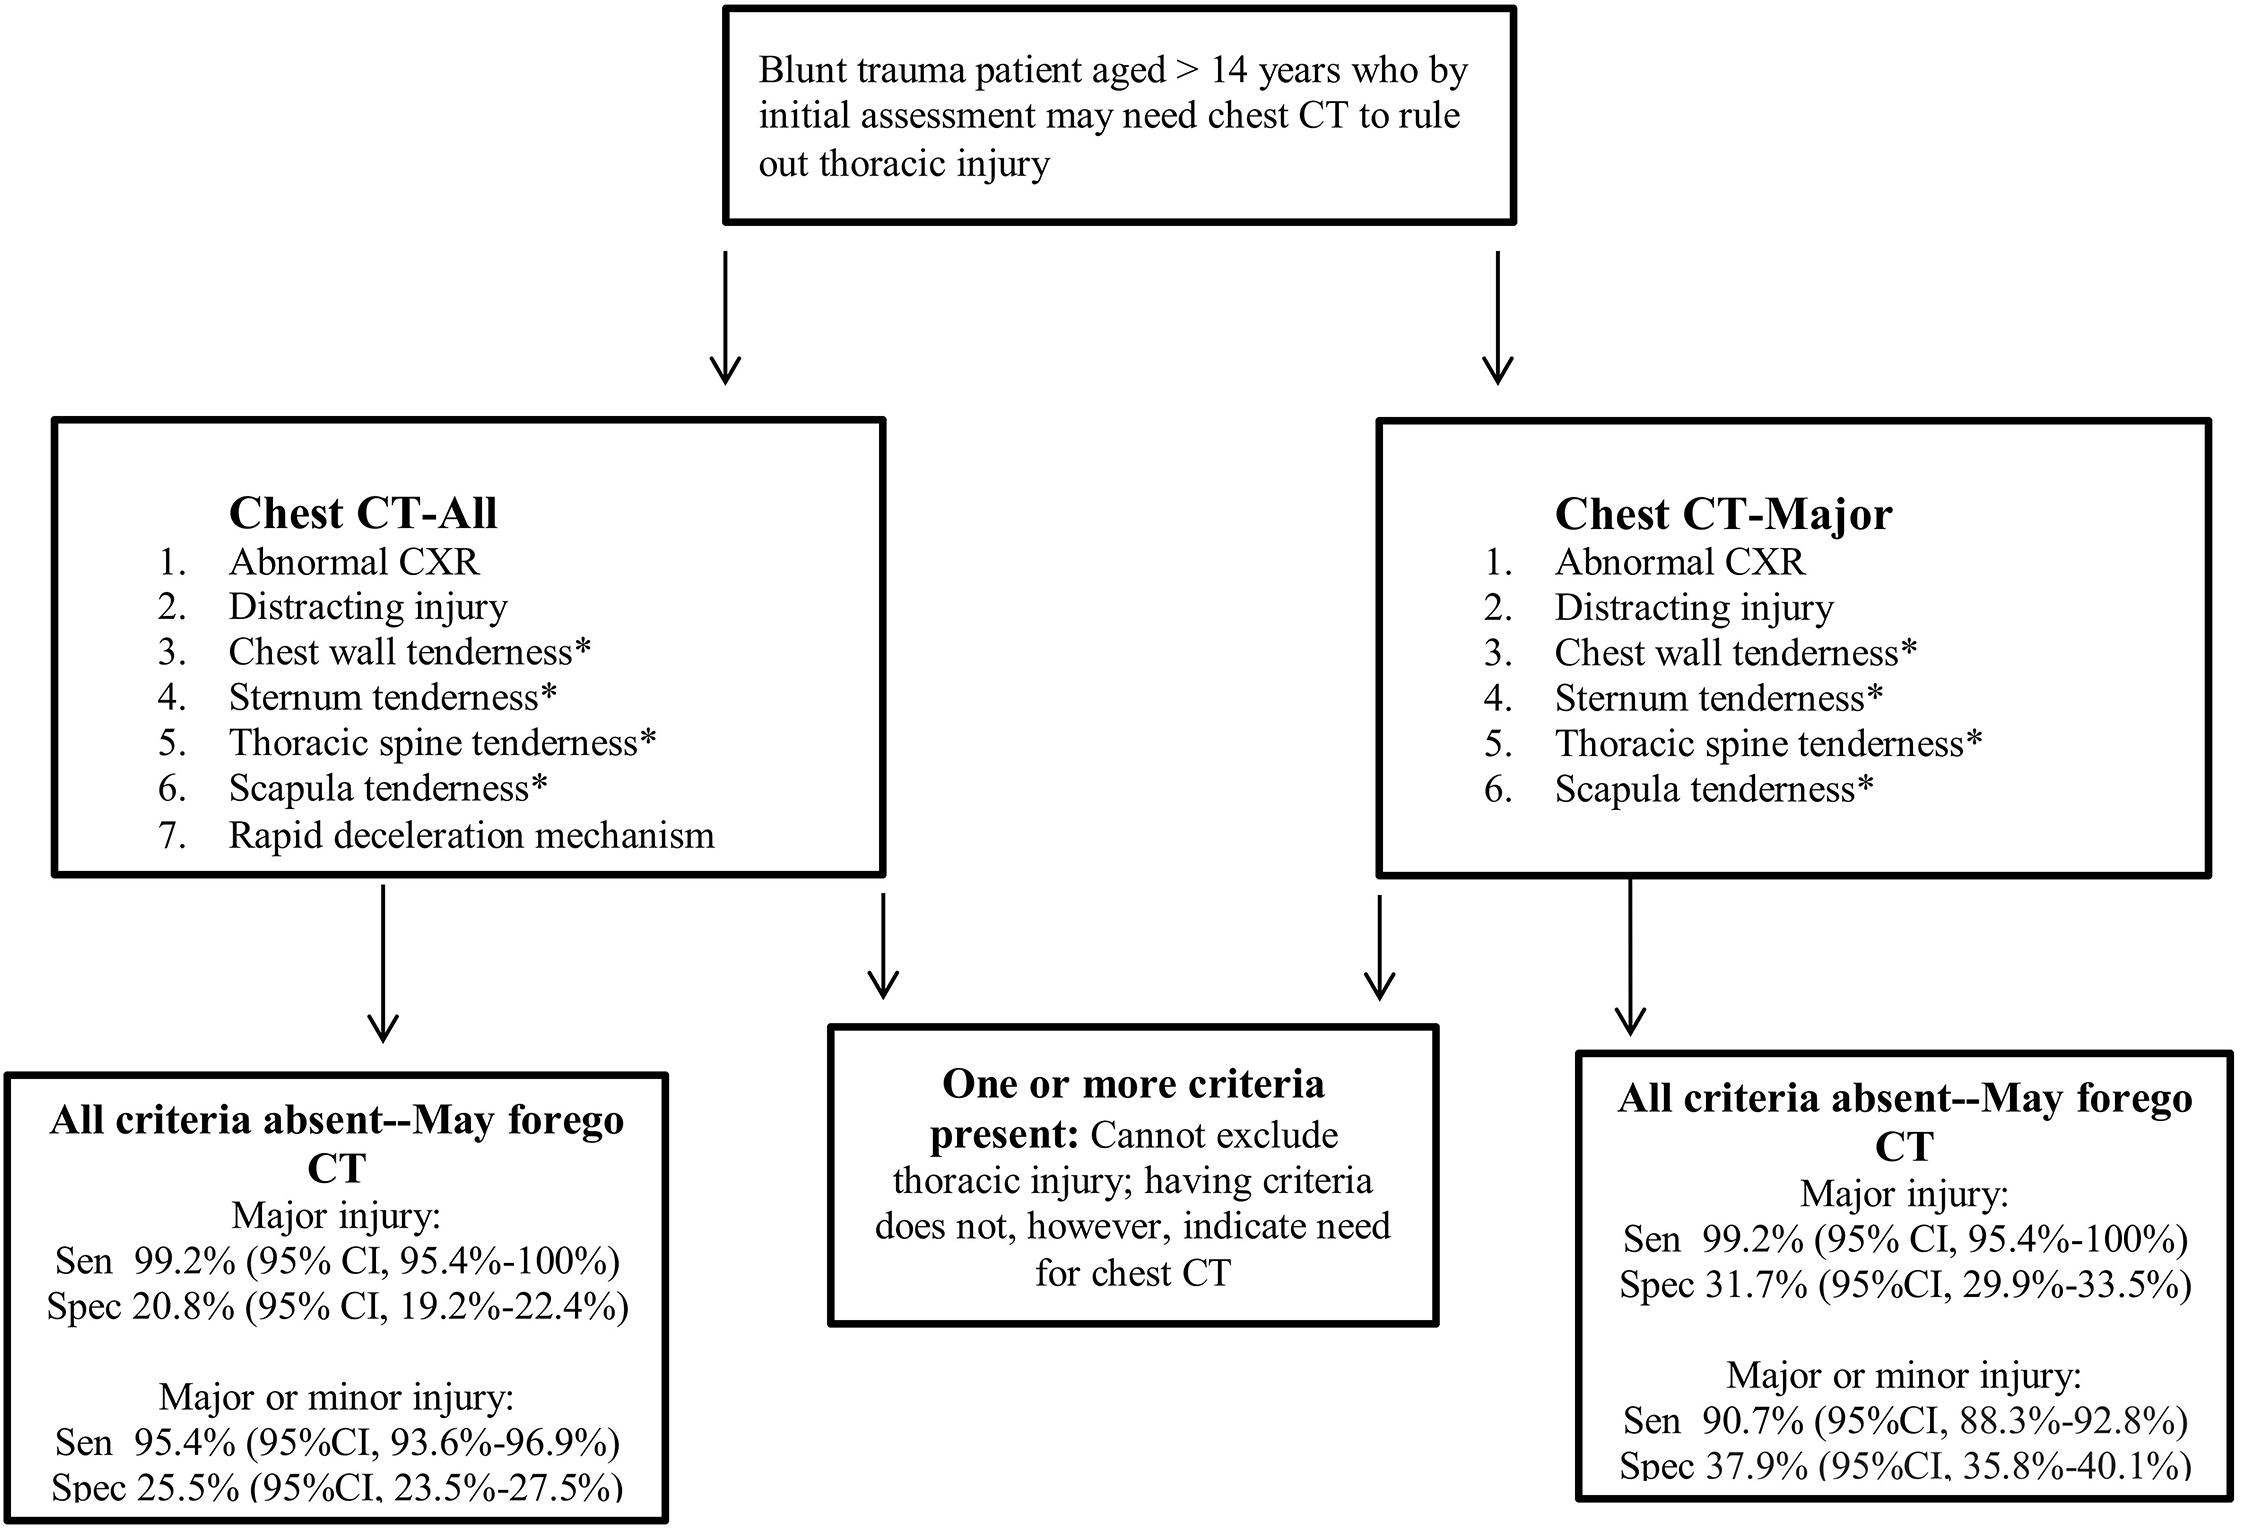 NEXUS Chest CT decision instrument implementation.